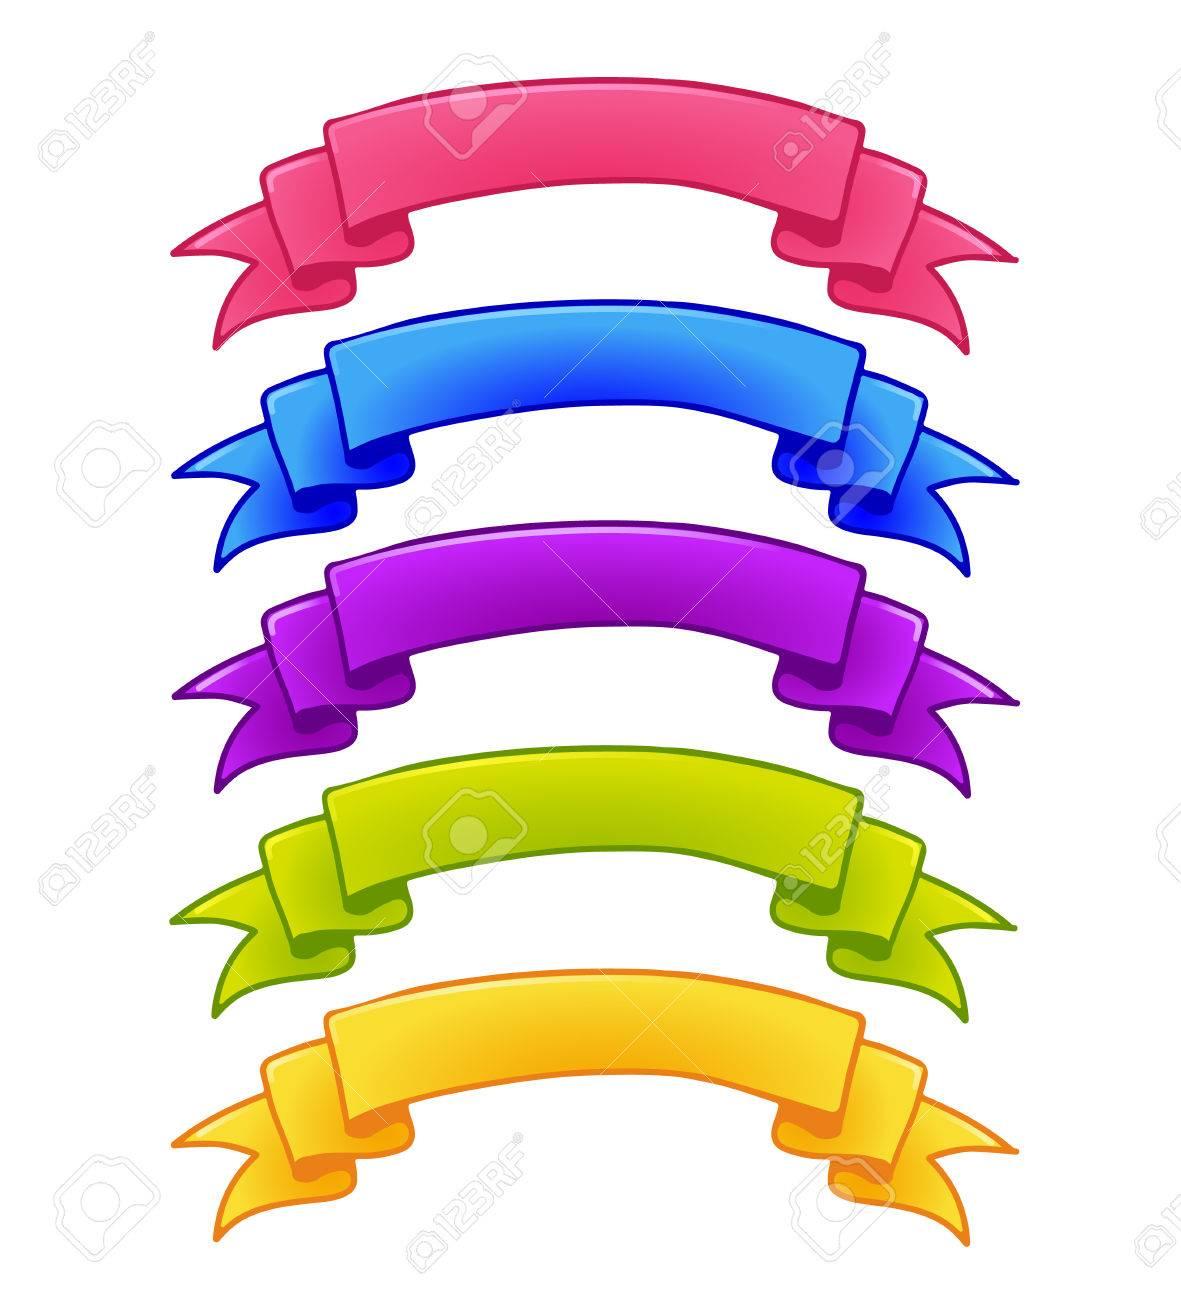 Conjunto De Cintas De Colores Para El Diseño Del Icono De Interface Illustration Games Juego Para Interfaz De Usuario App Isolated Sobre Fondo Blanco Ilustraciones Vectoriales Clip Art Vectorizado Libre De Derechos Image 68431117